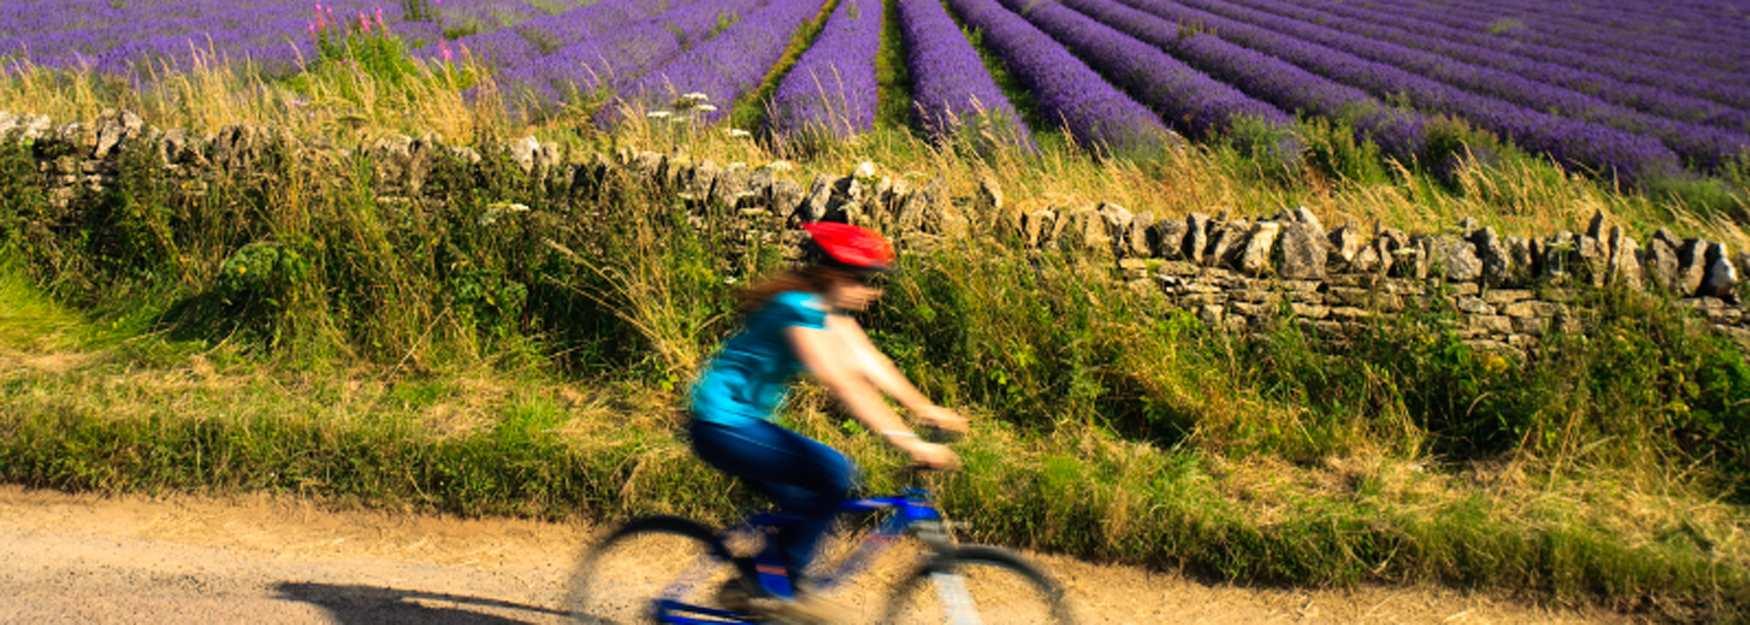 Cycling Breaks